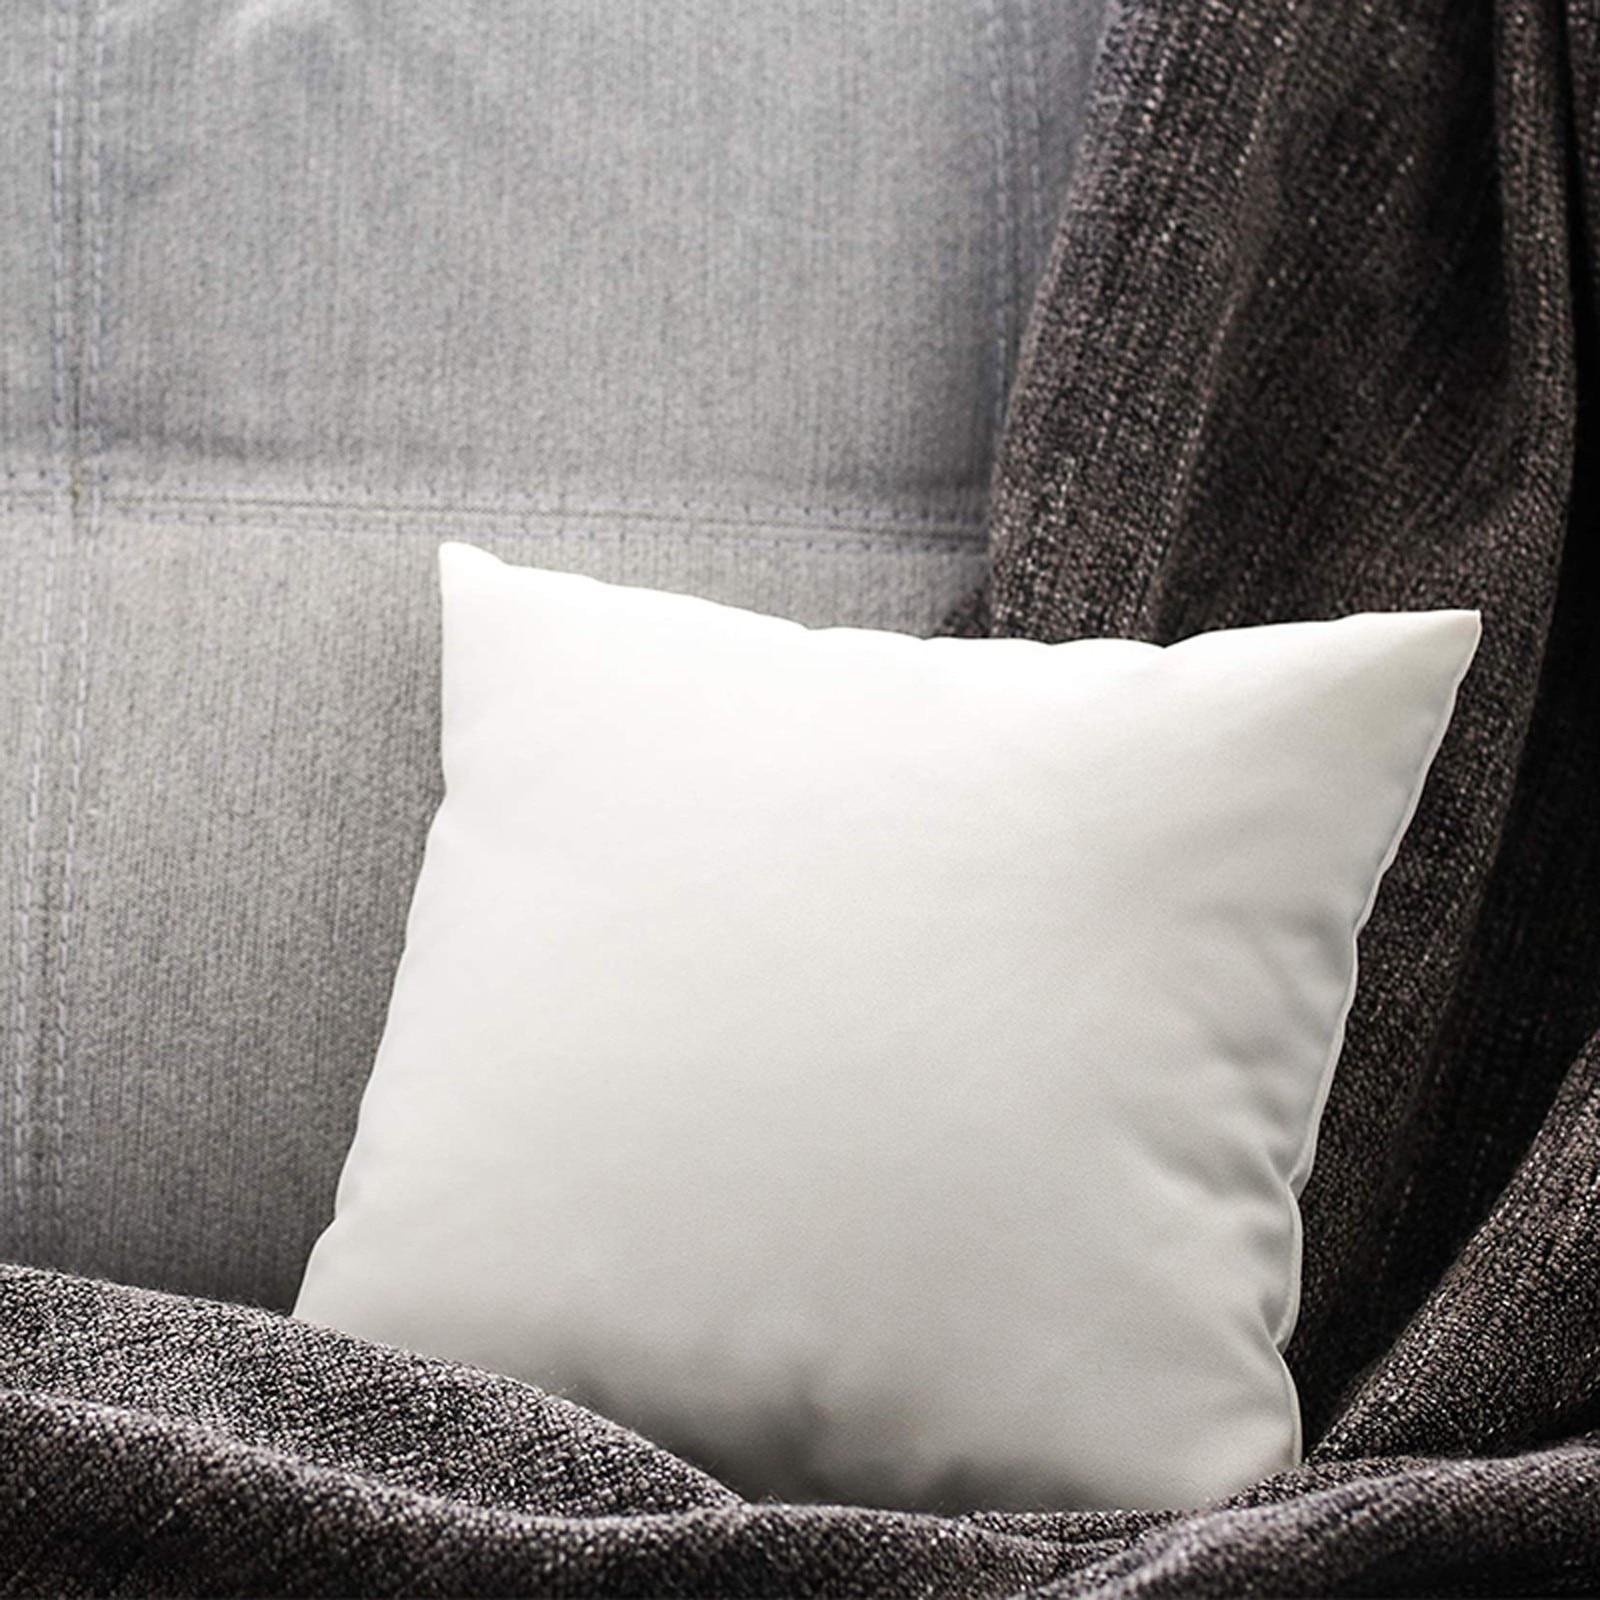 Домашняя Подушка с внутренним наполнителем, подушка с хлопковой подкладкой для дивана, автомобильная мягкая подушка, вставка из нетканого ...